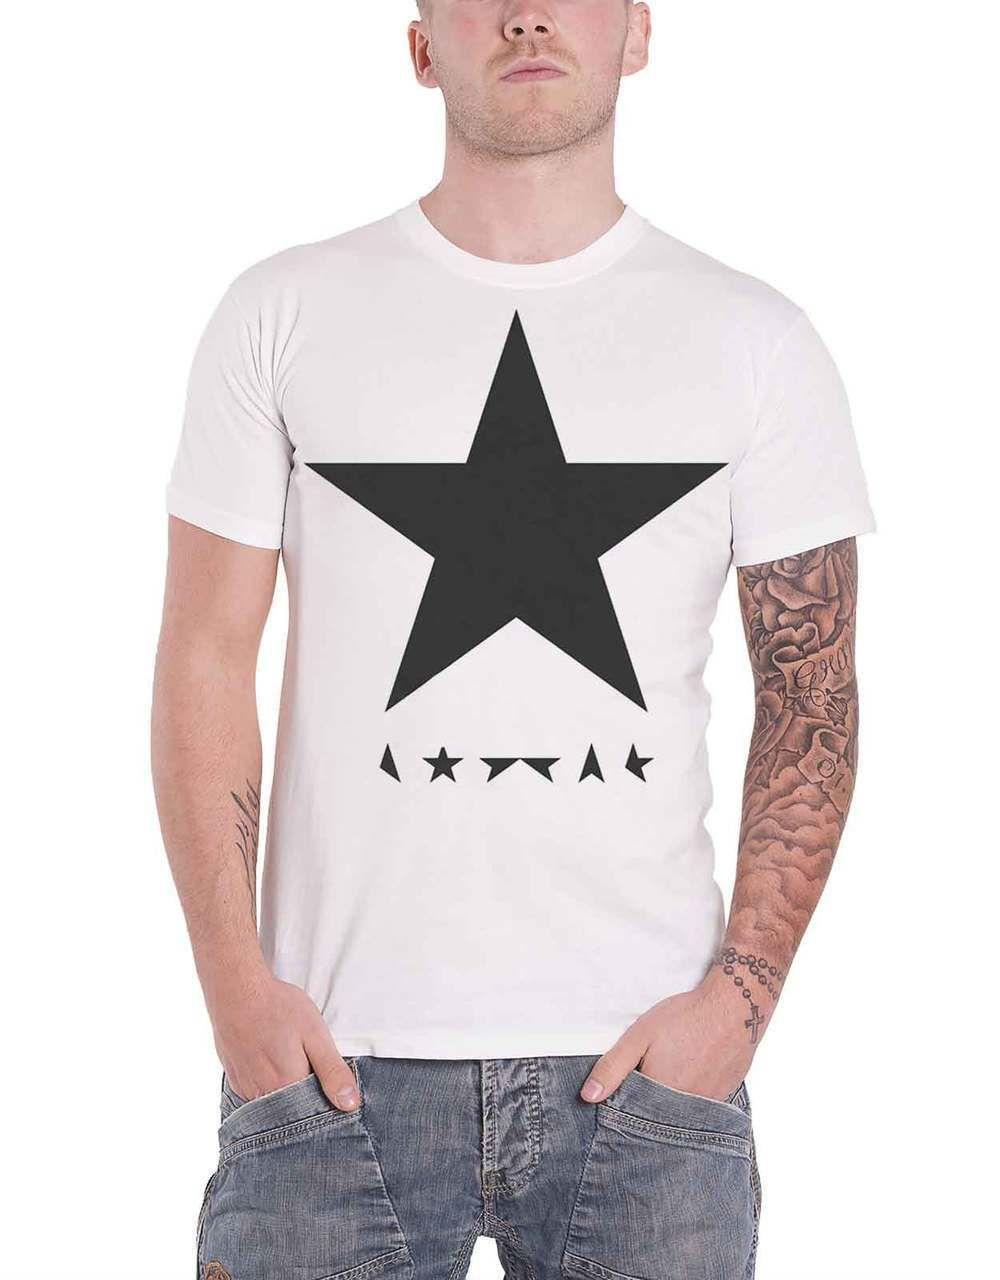 ab6df75f59 David Bowie T Shirt Blackstar Logo Album Cover Mens White - Paradiso  Clothing